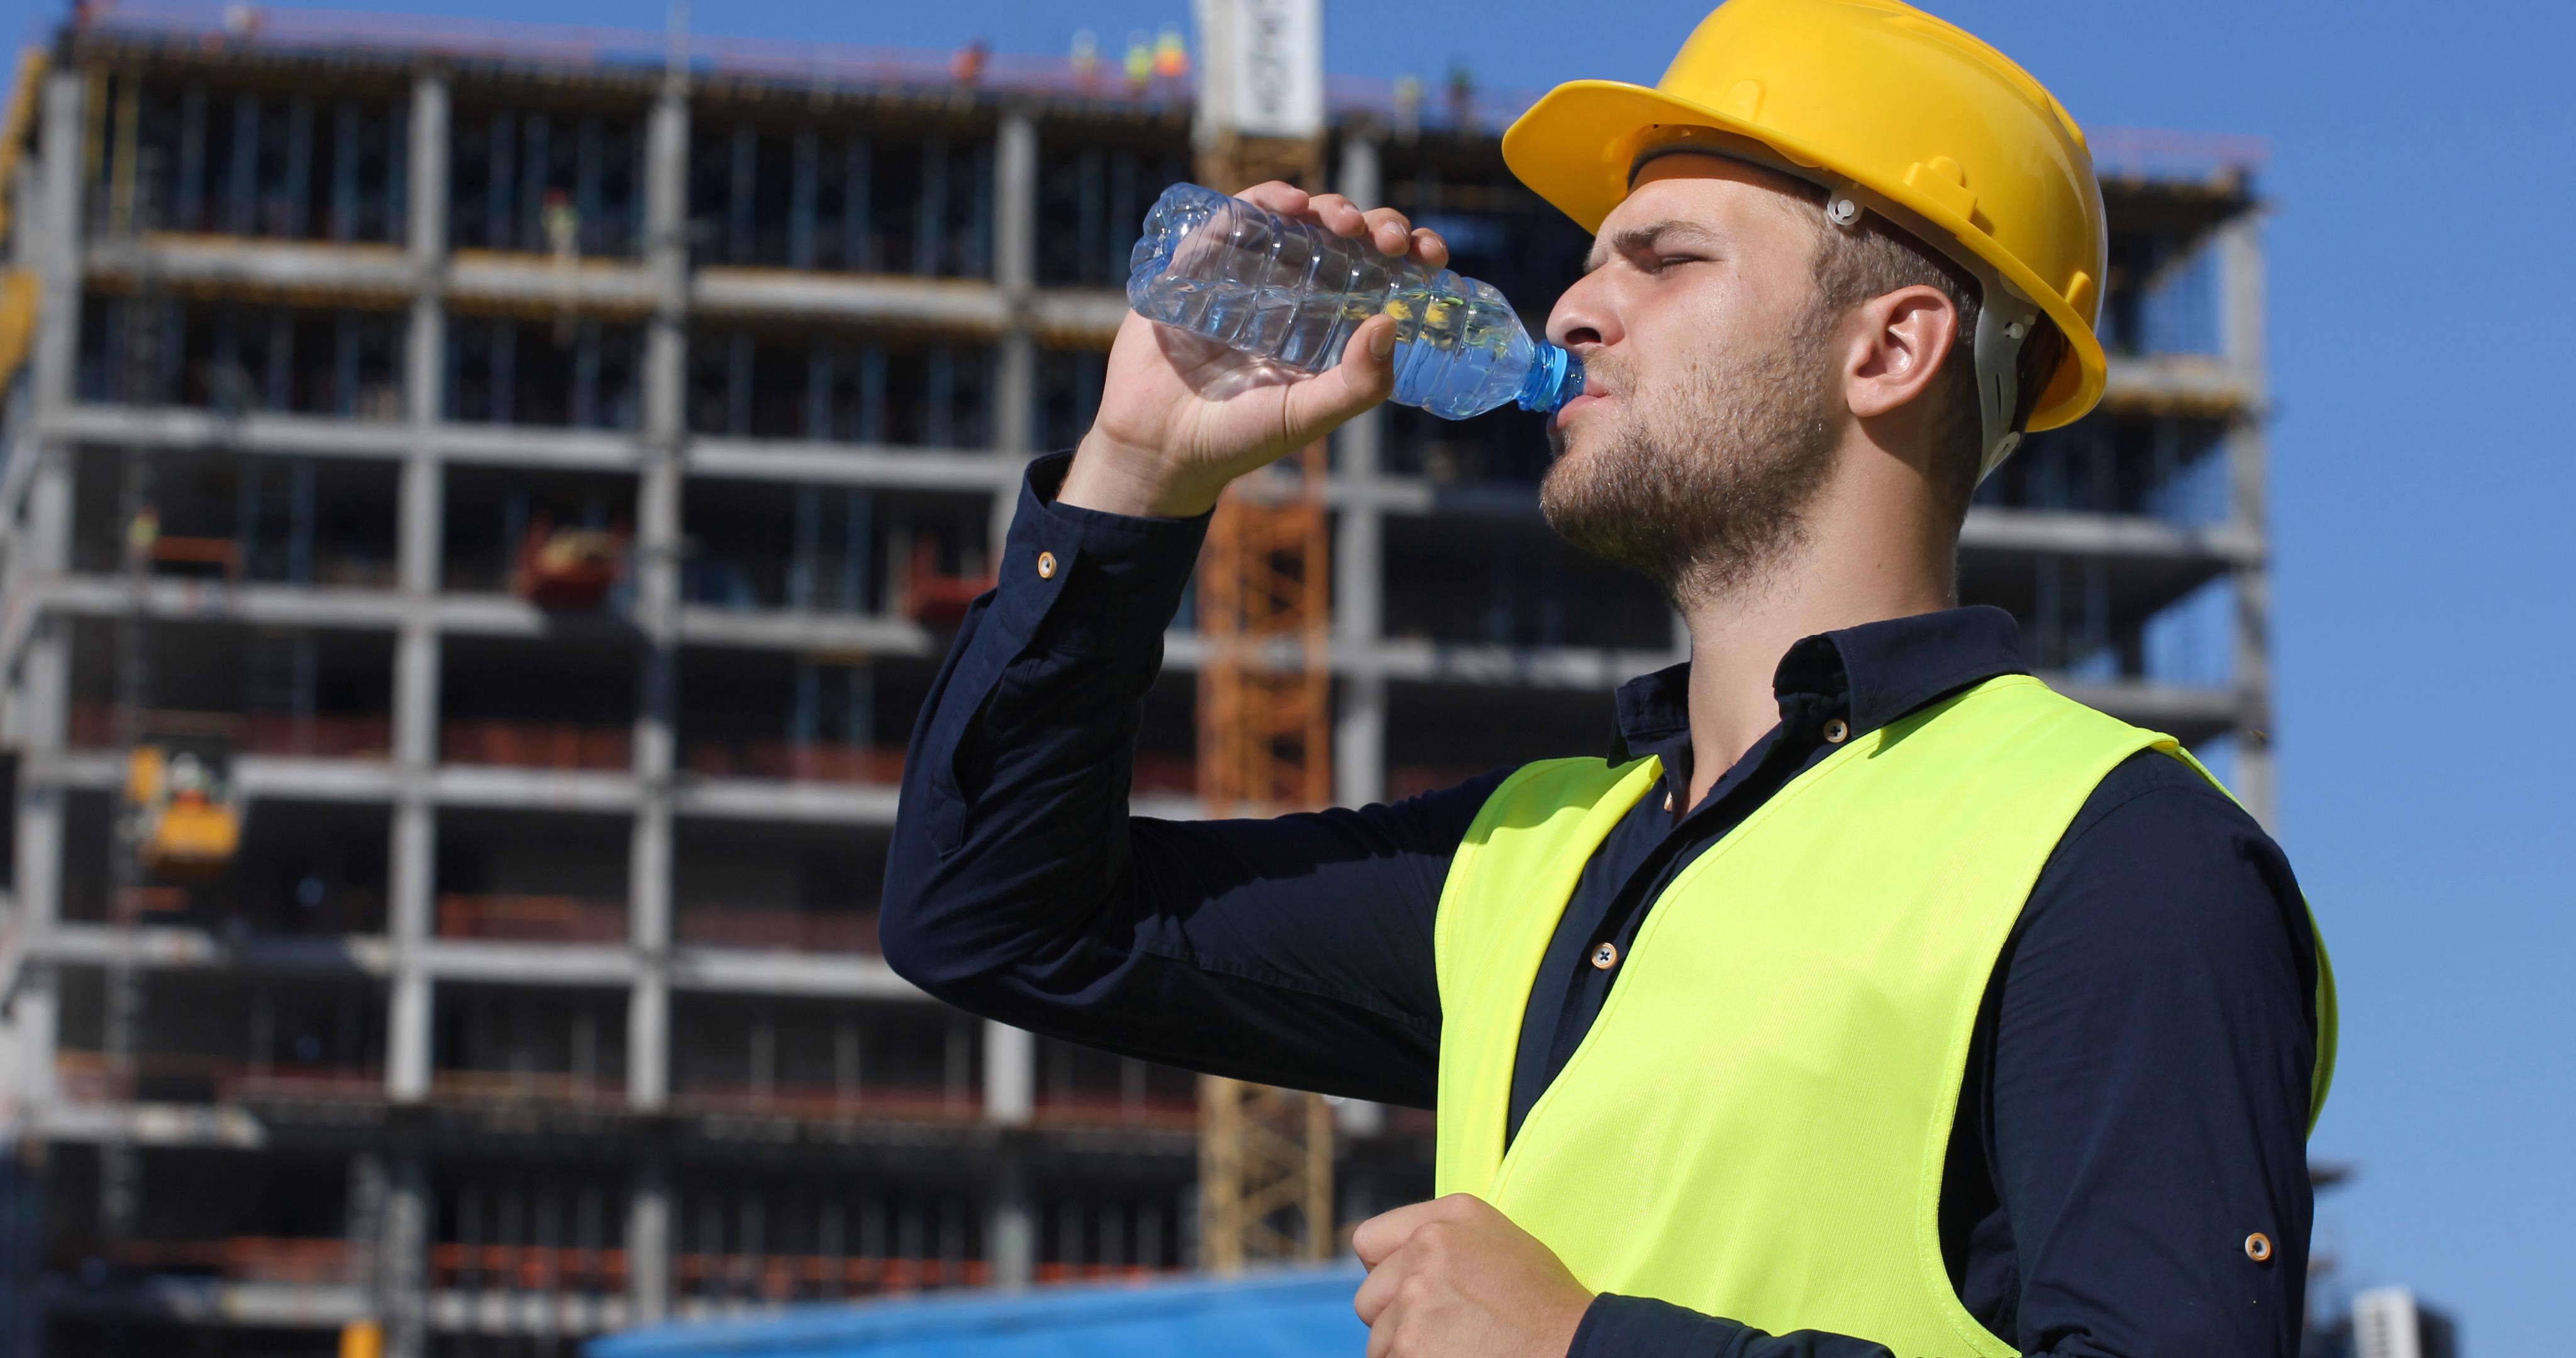 funcionario-bebendo-agua-no-canteiro-de-obra